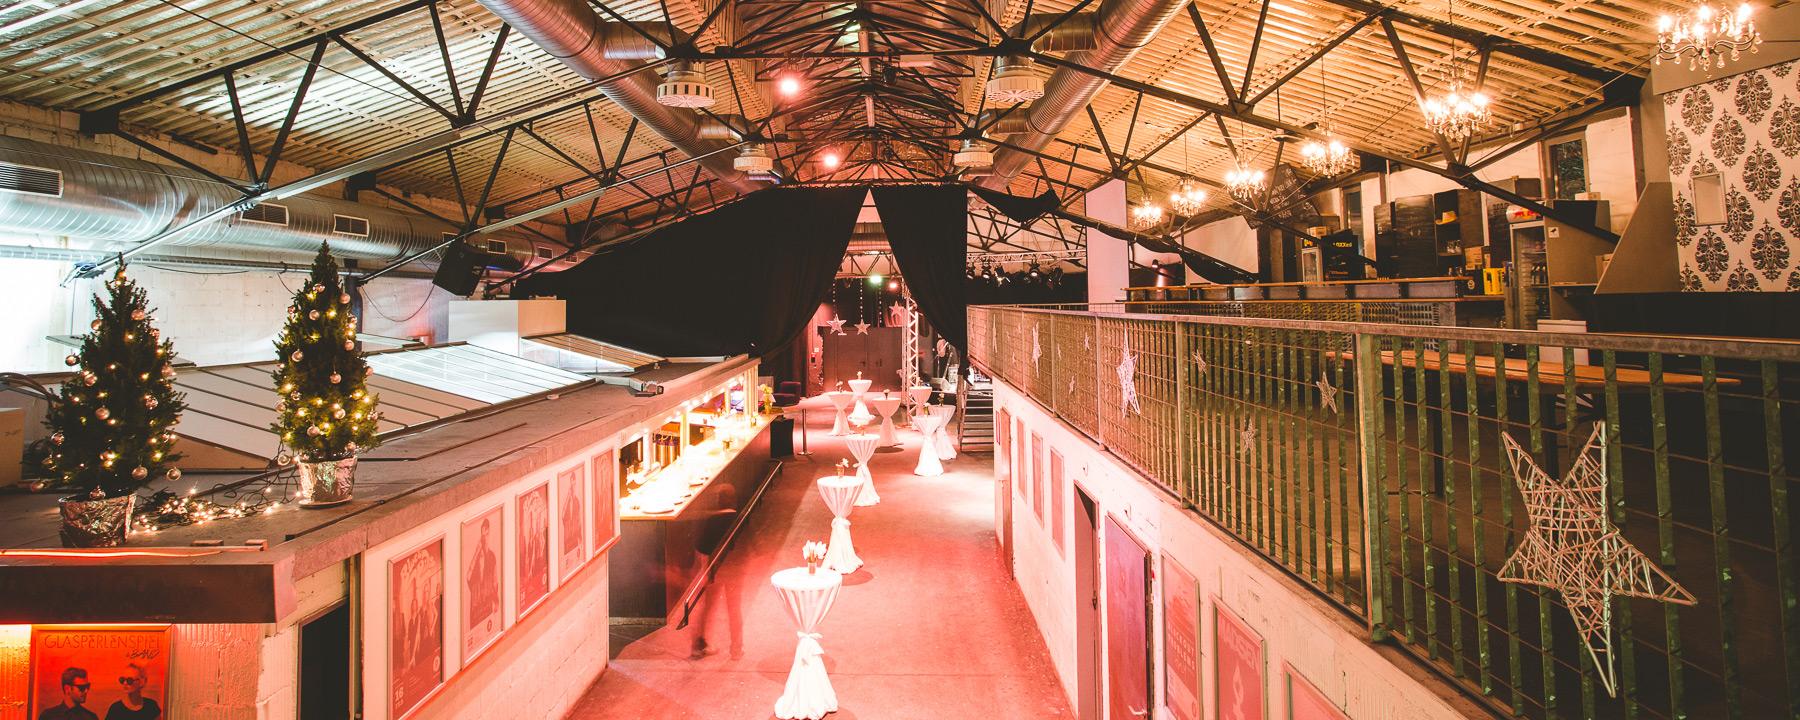 Weihnachtsfeier Ulm.Programm Vermietung Roxy Ulm